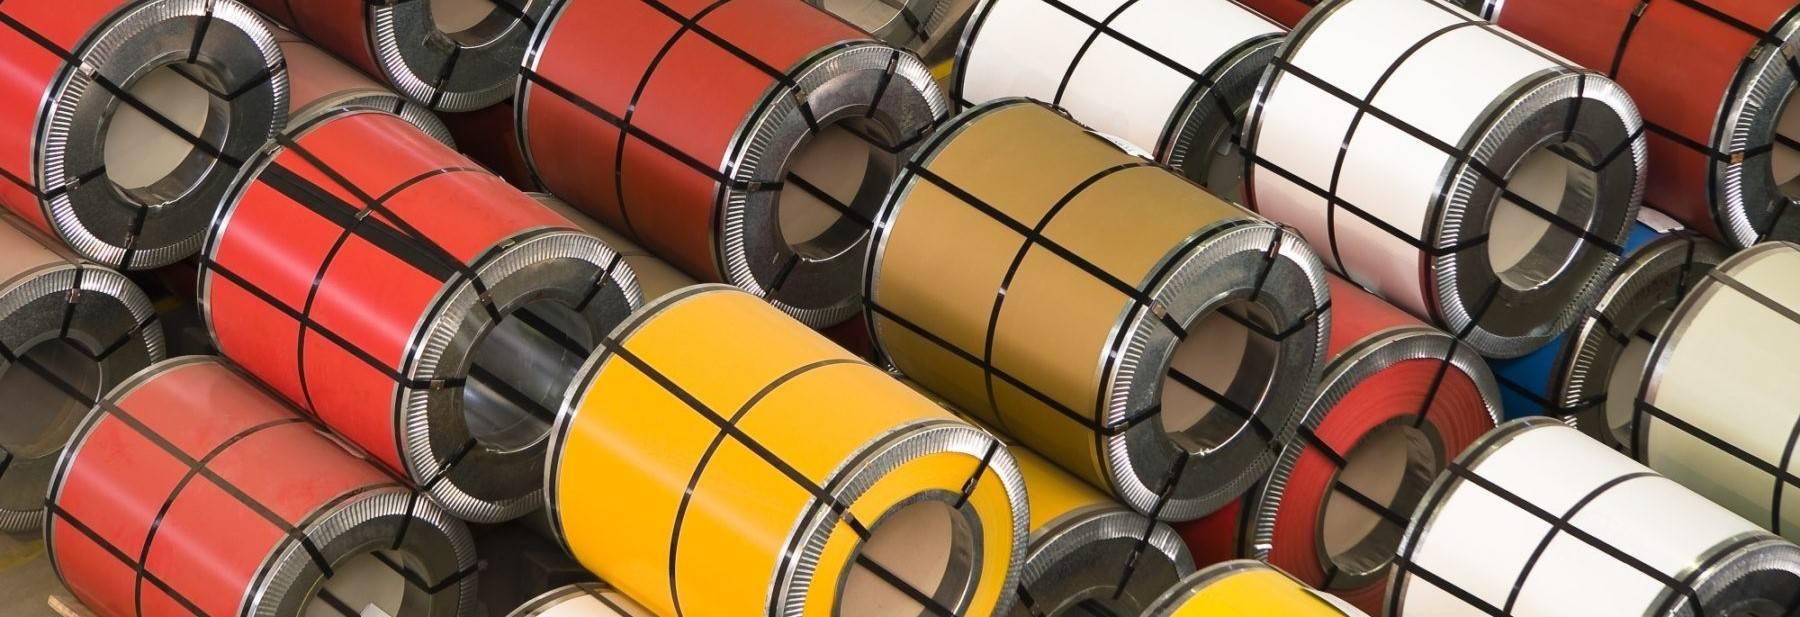 Barvne kovine - aluminij